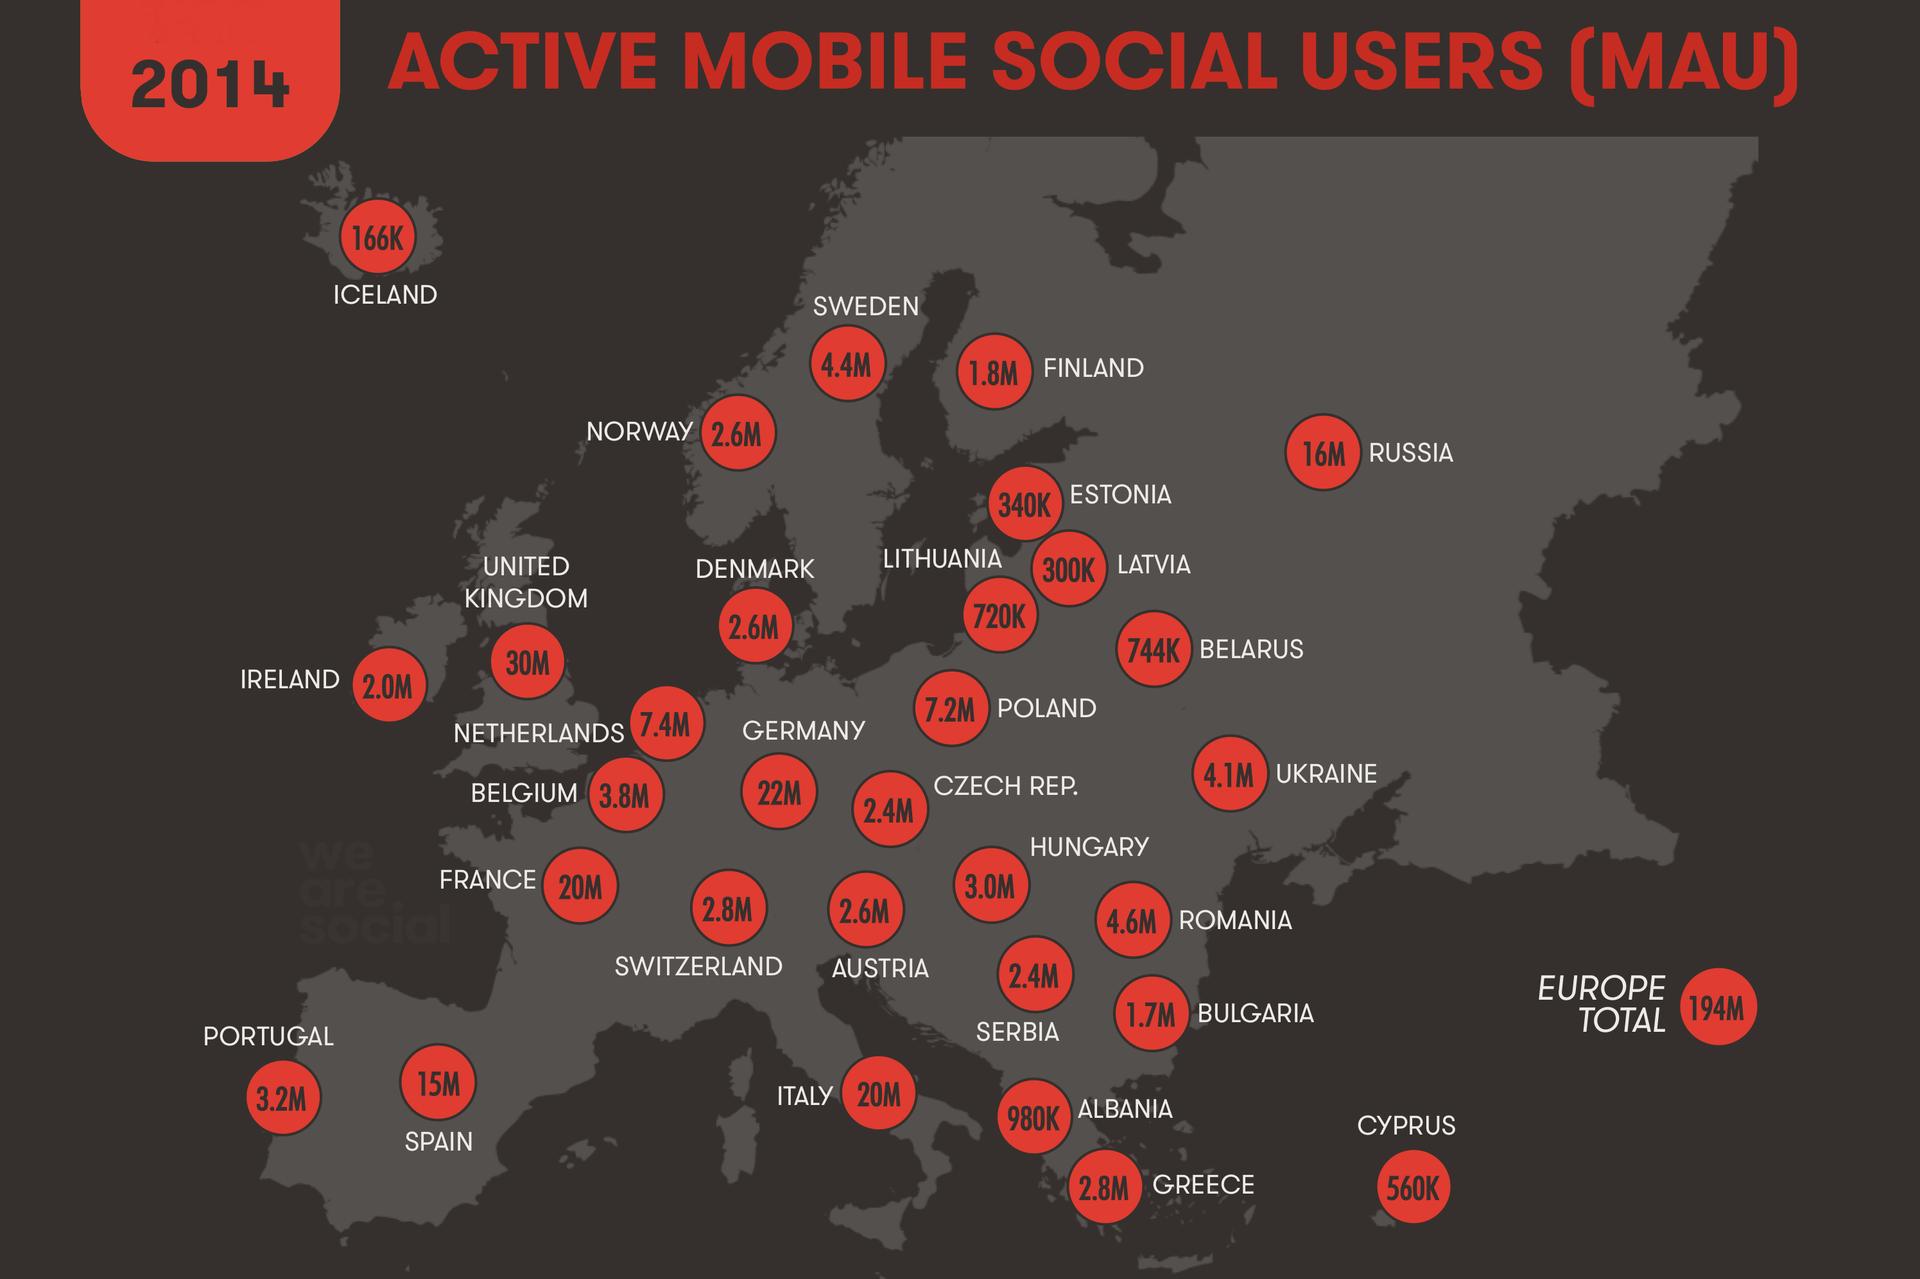 Компания Global Web Index представила статистический отчет о интернет предпочтениях жителей Европы в 2014 году - 9